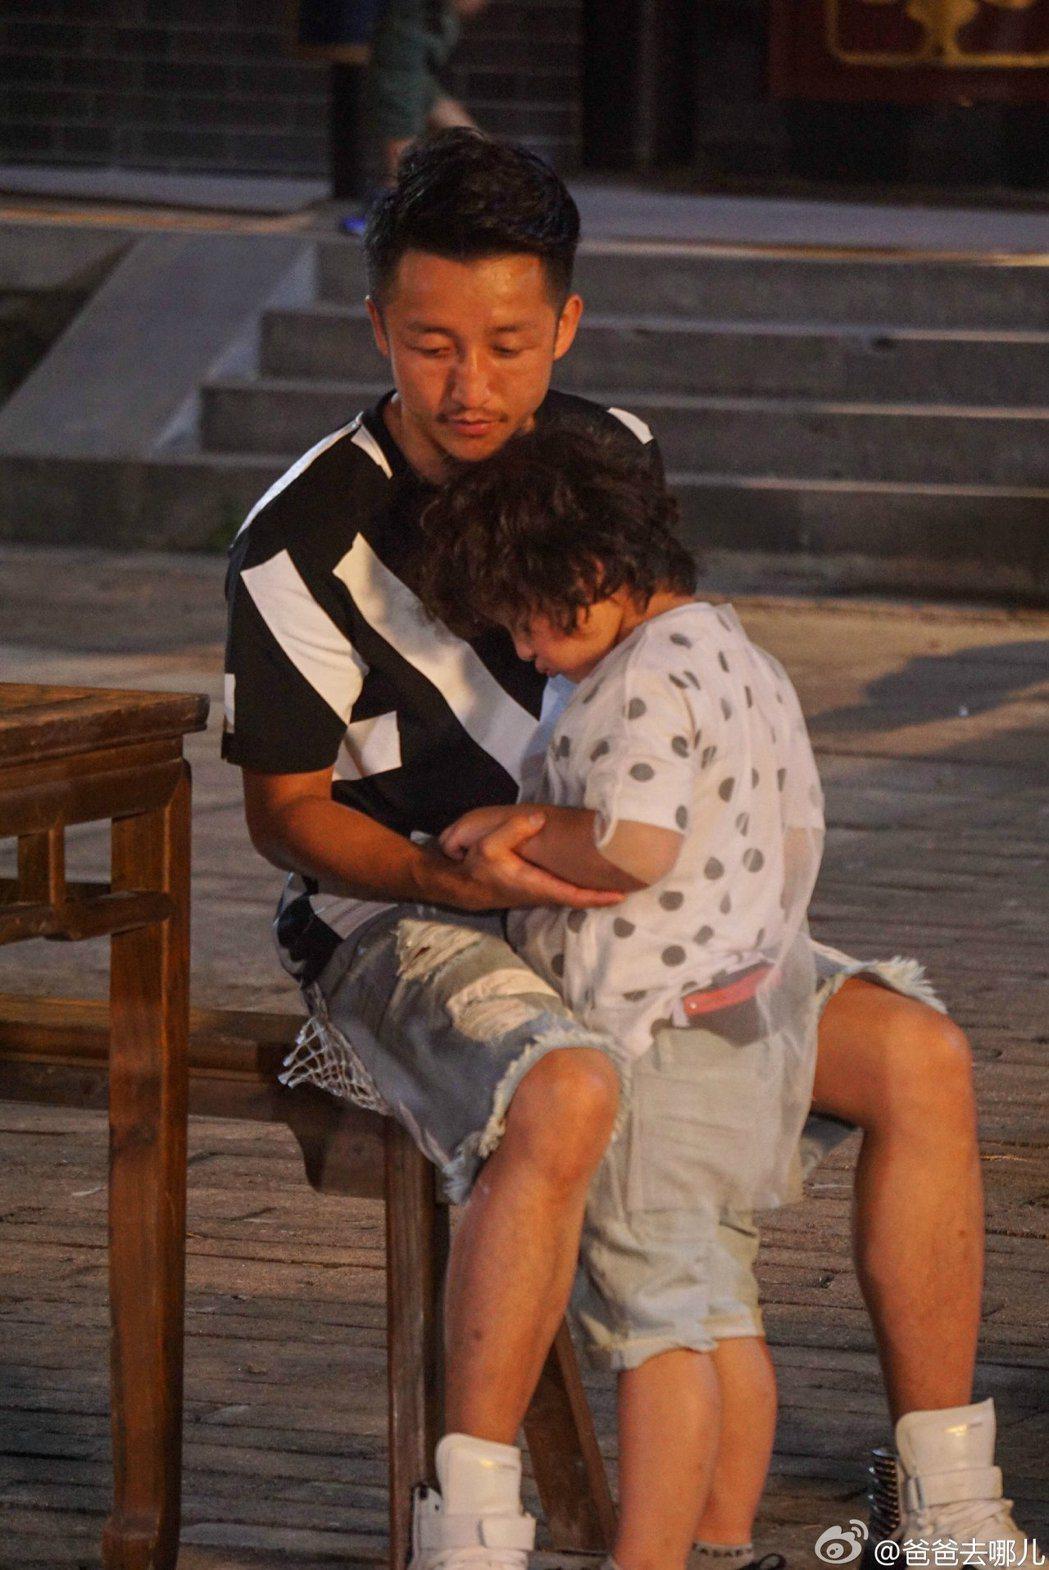 鄒市明曾帶著兒子參加「爸爸去哪兒」第三季。圖/擷自「爸爸去哪兒」微博